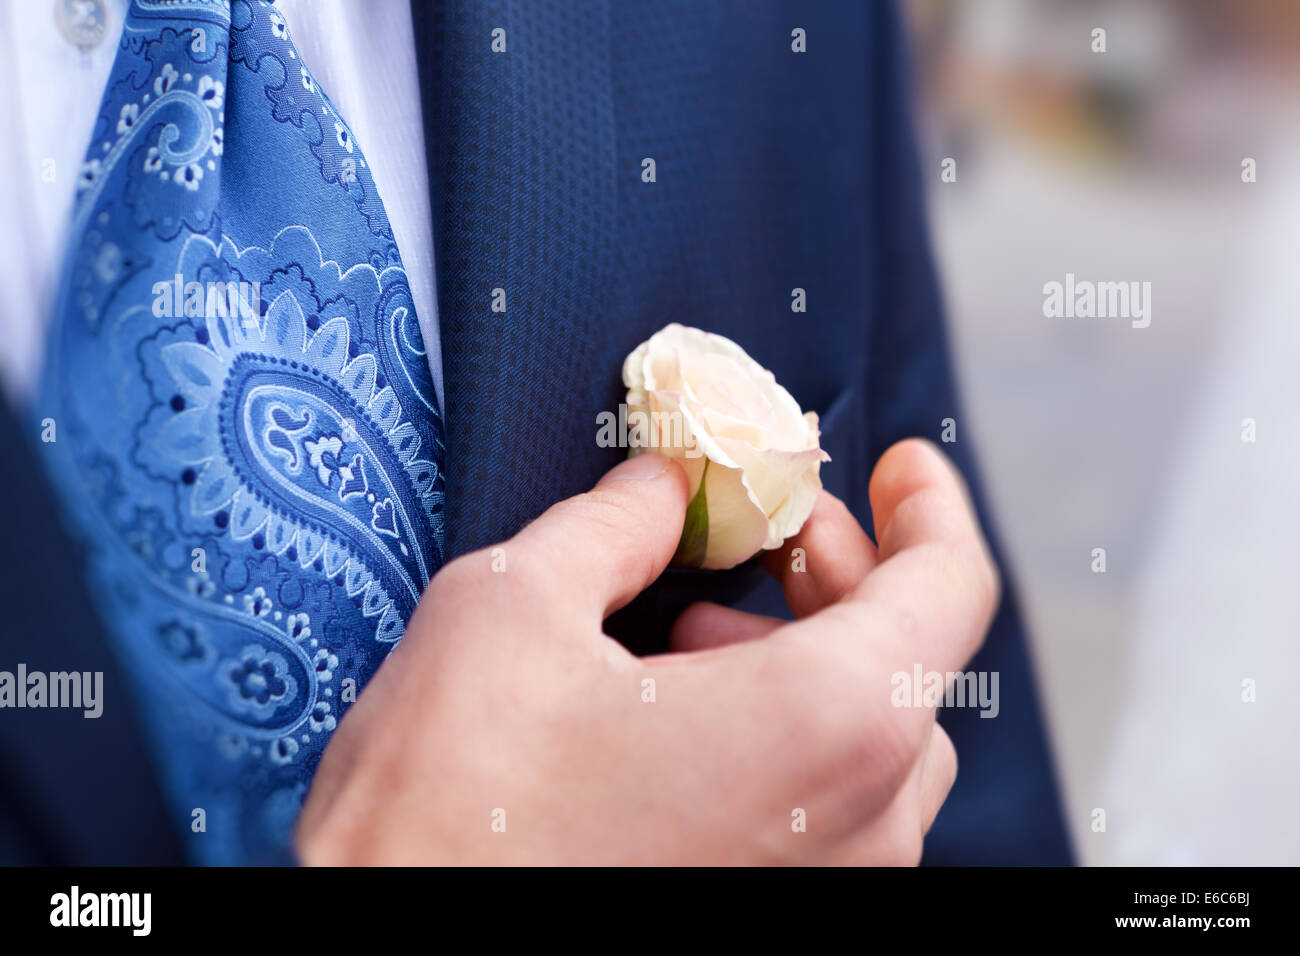 Primo piano dello sposo correggendo rose in asola - shallow dof Immagini Stock